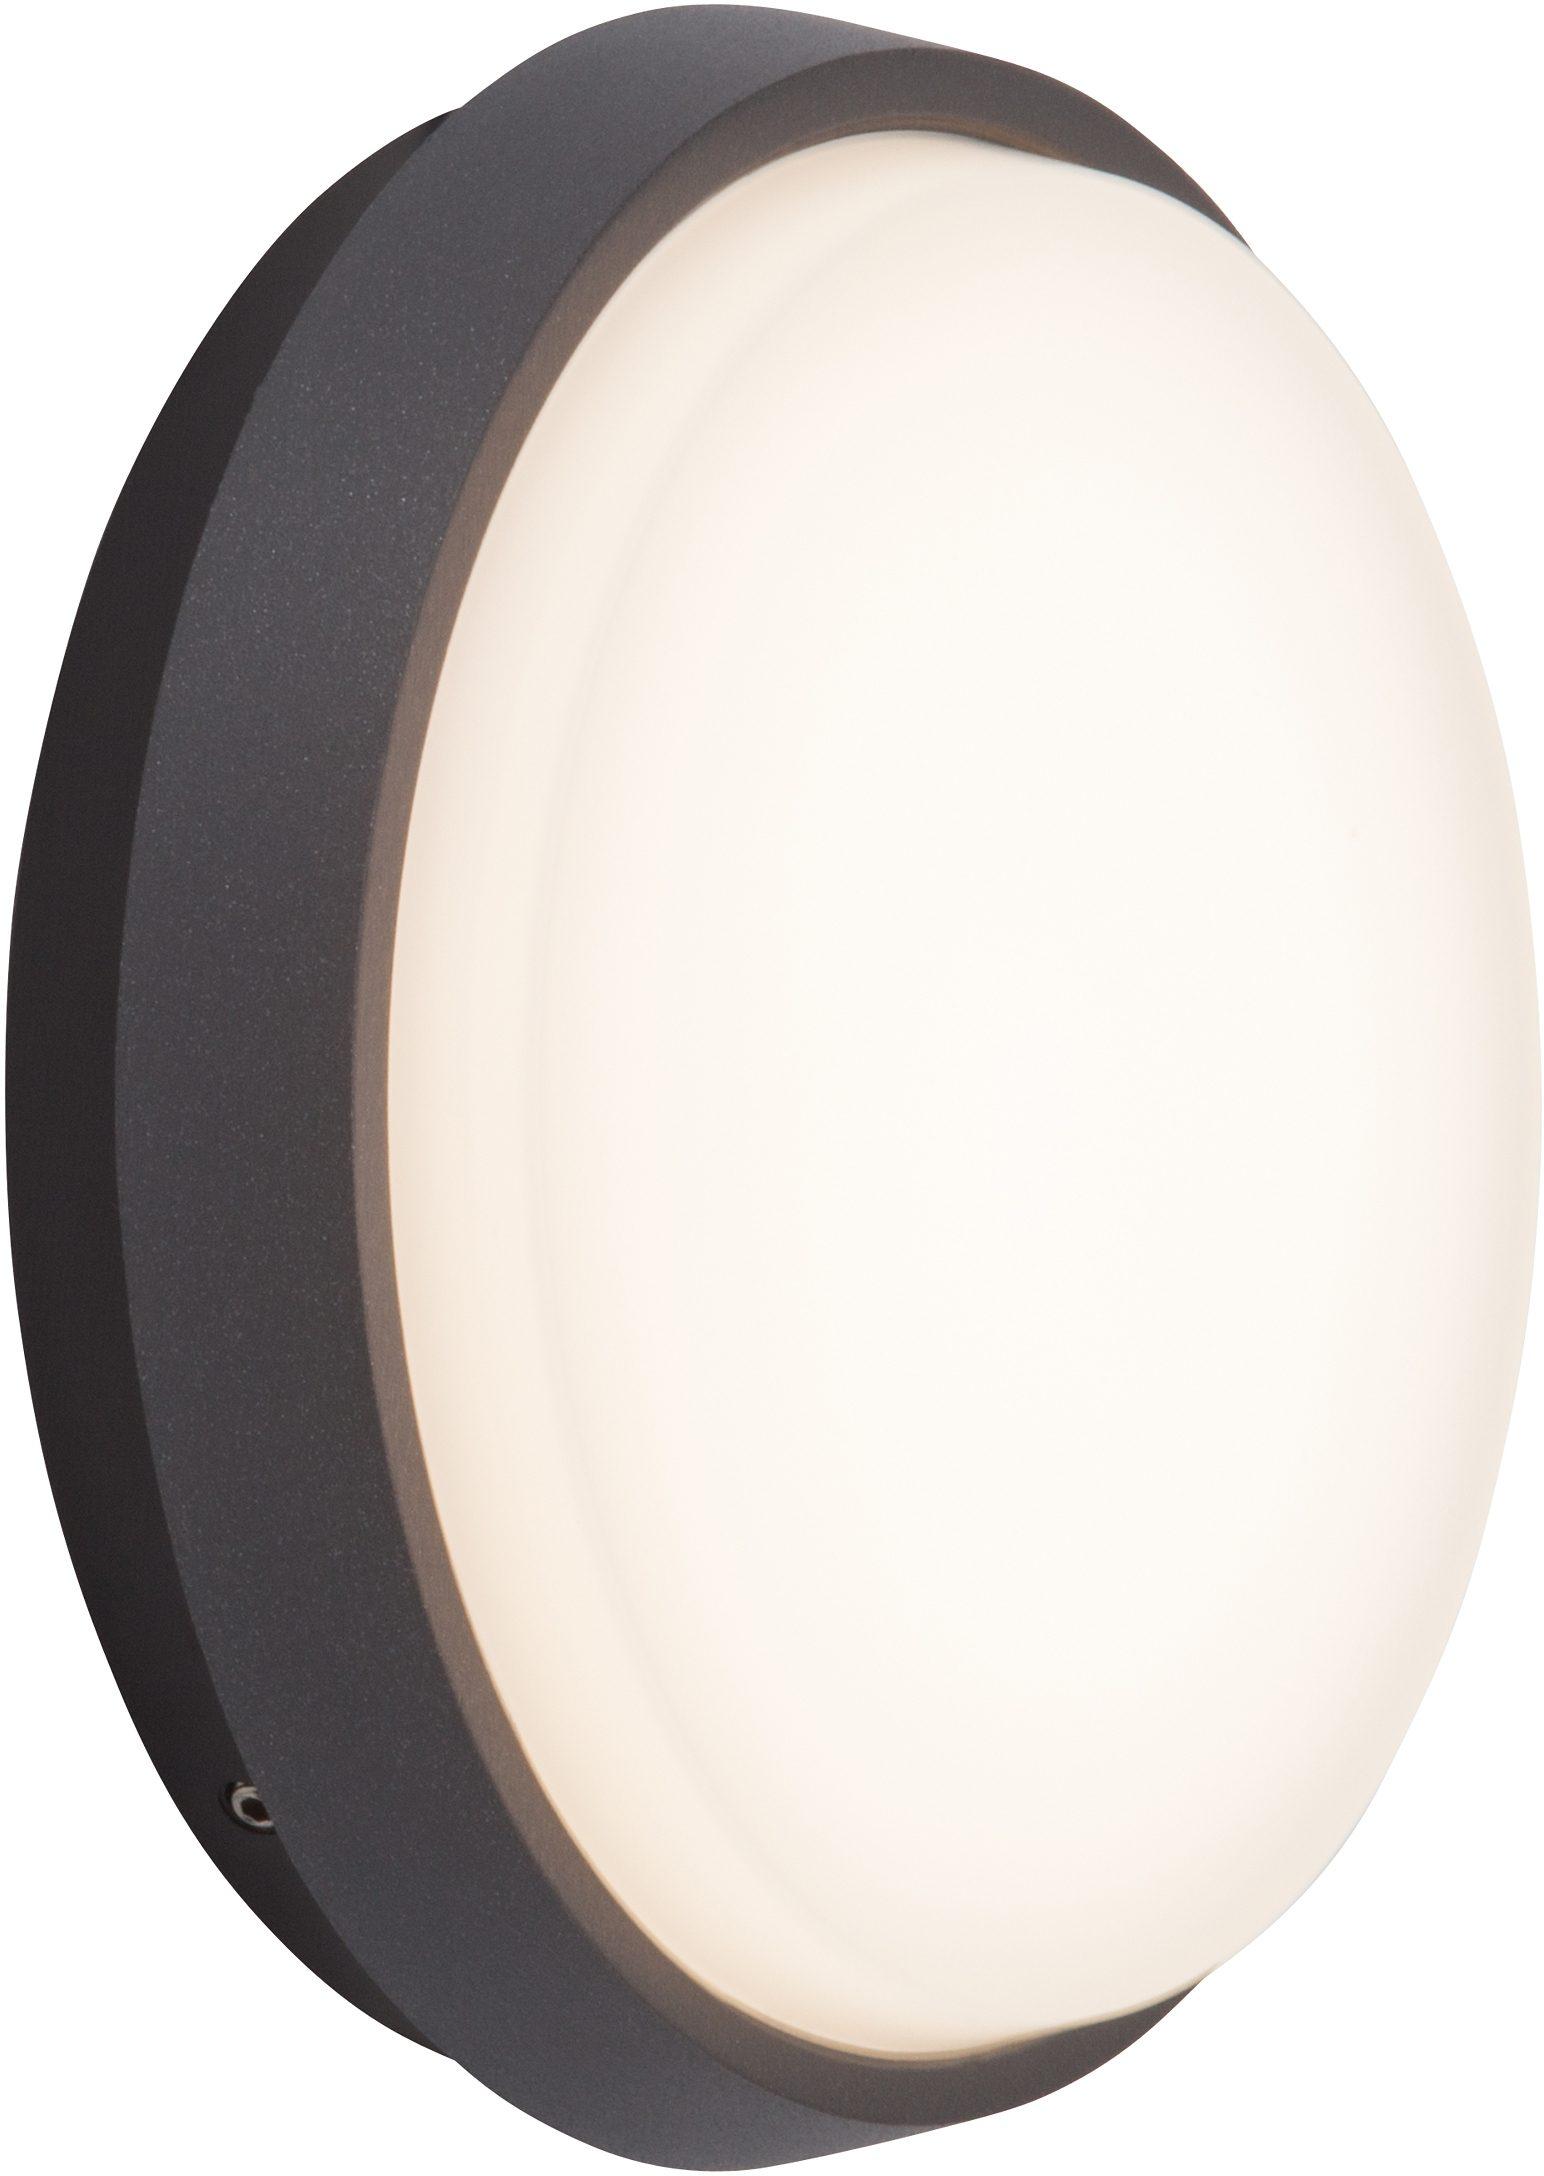 AEG LED Außenleuchte, 1flg., Wand-/Deckenleuchte, »LETAN ROUND«